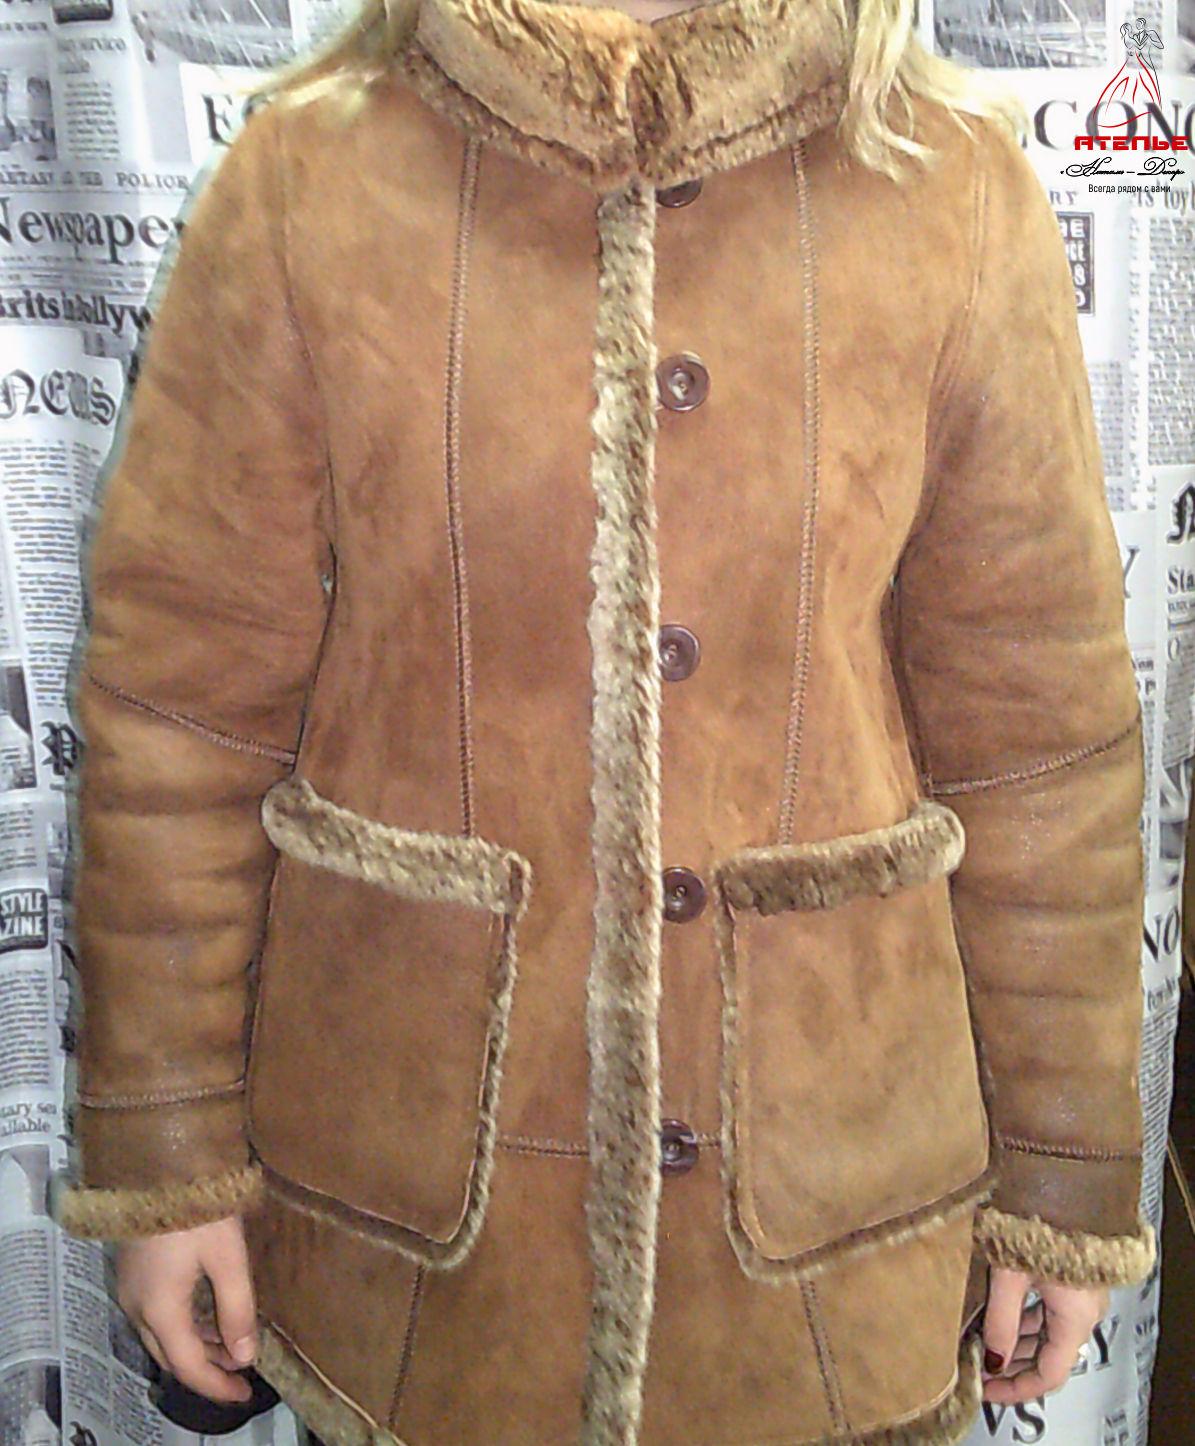 Ателье «Натали — Декор», город Лиски, ремонт кожи, ремонт одежды из кожи ремонт меха, ремонт кожаной куртки(21)